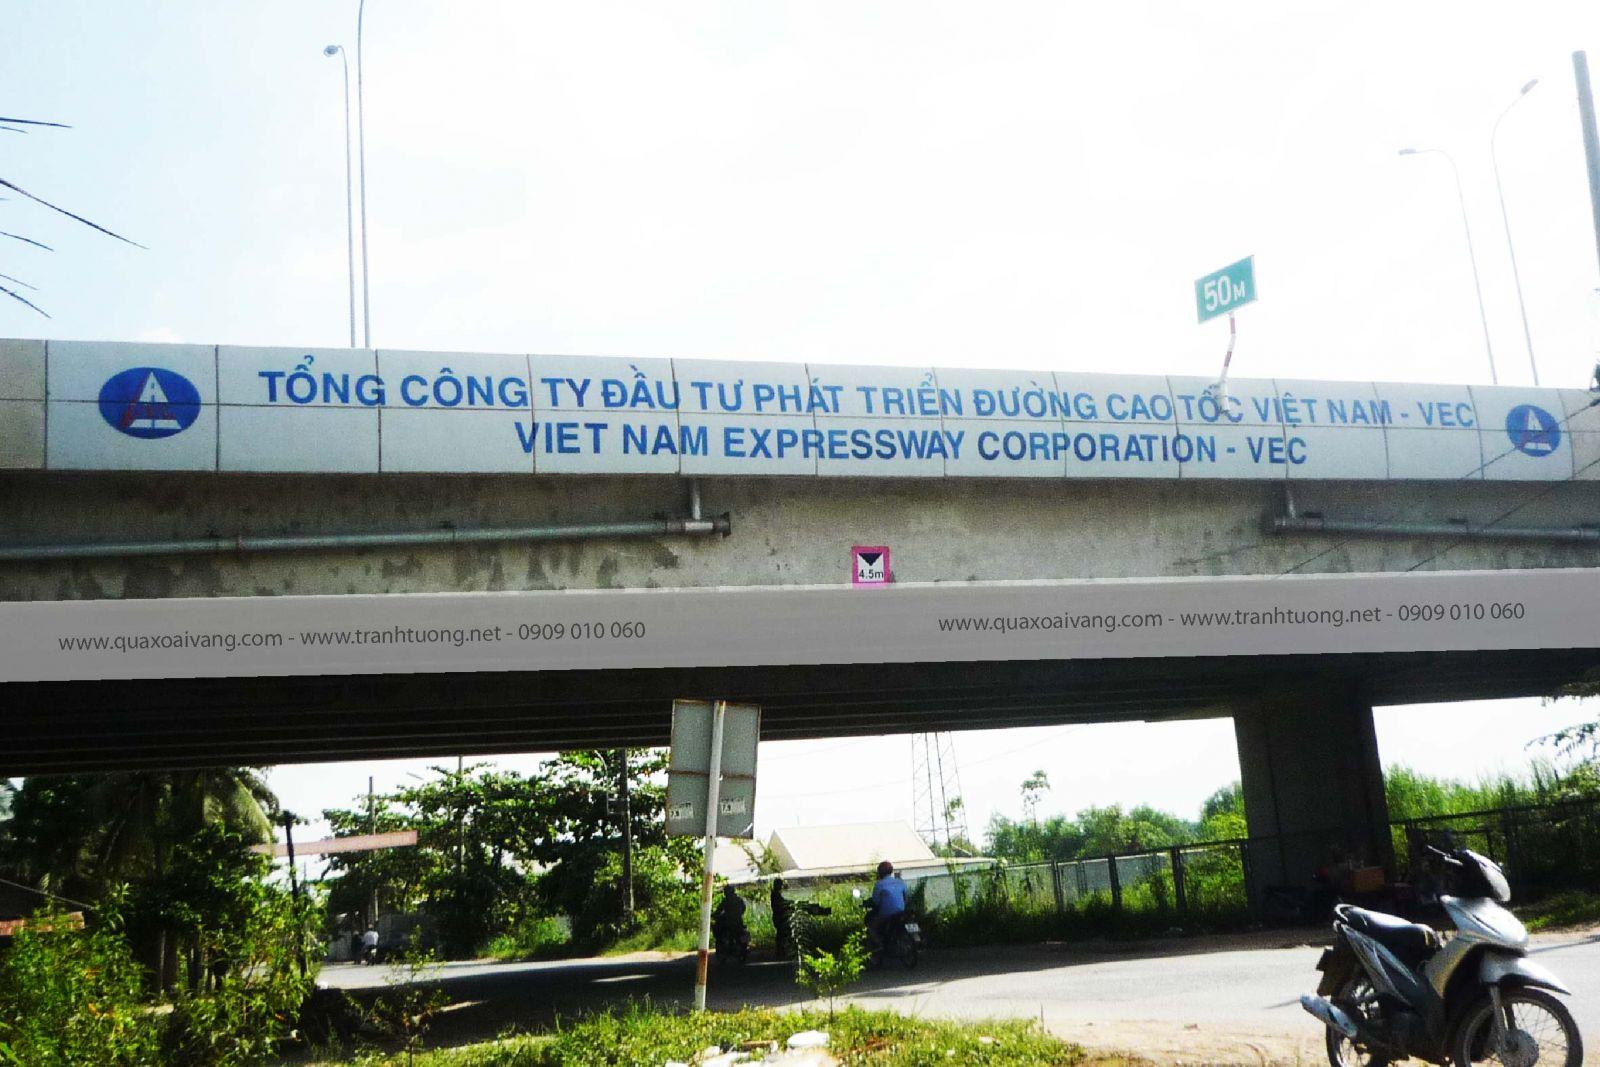 Vẽ quảng cáo lên thành cầu